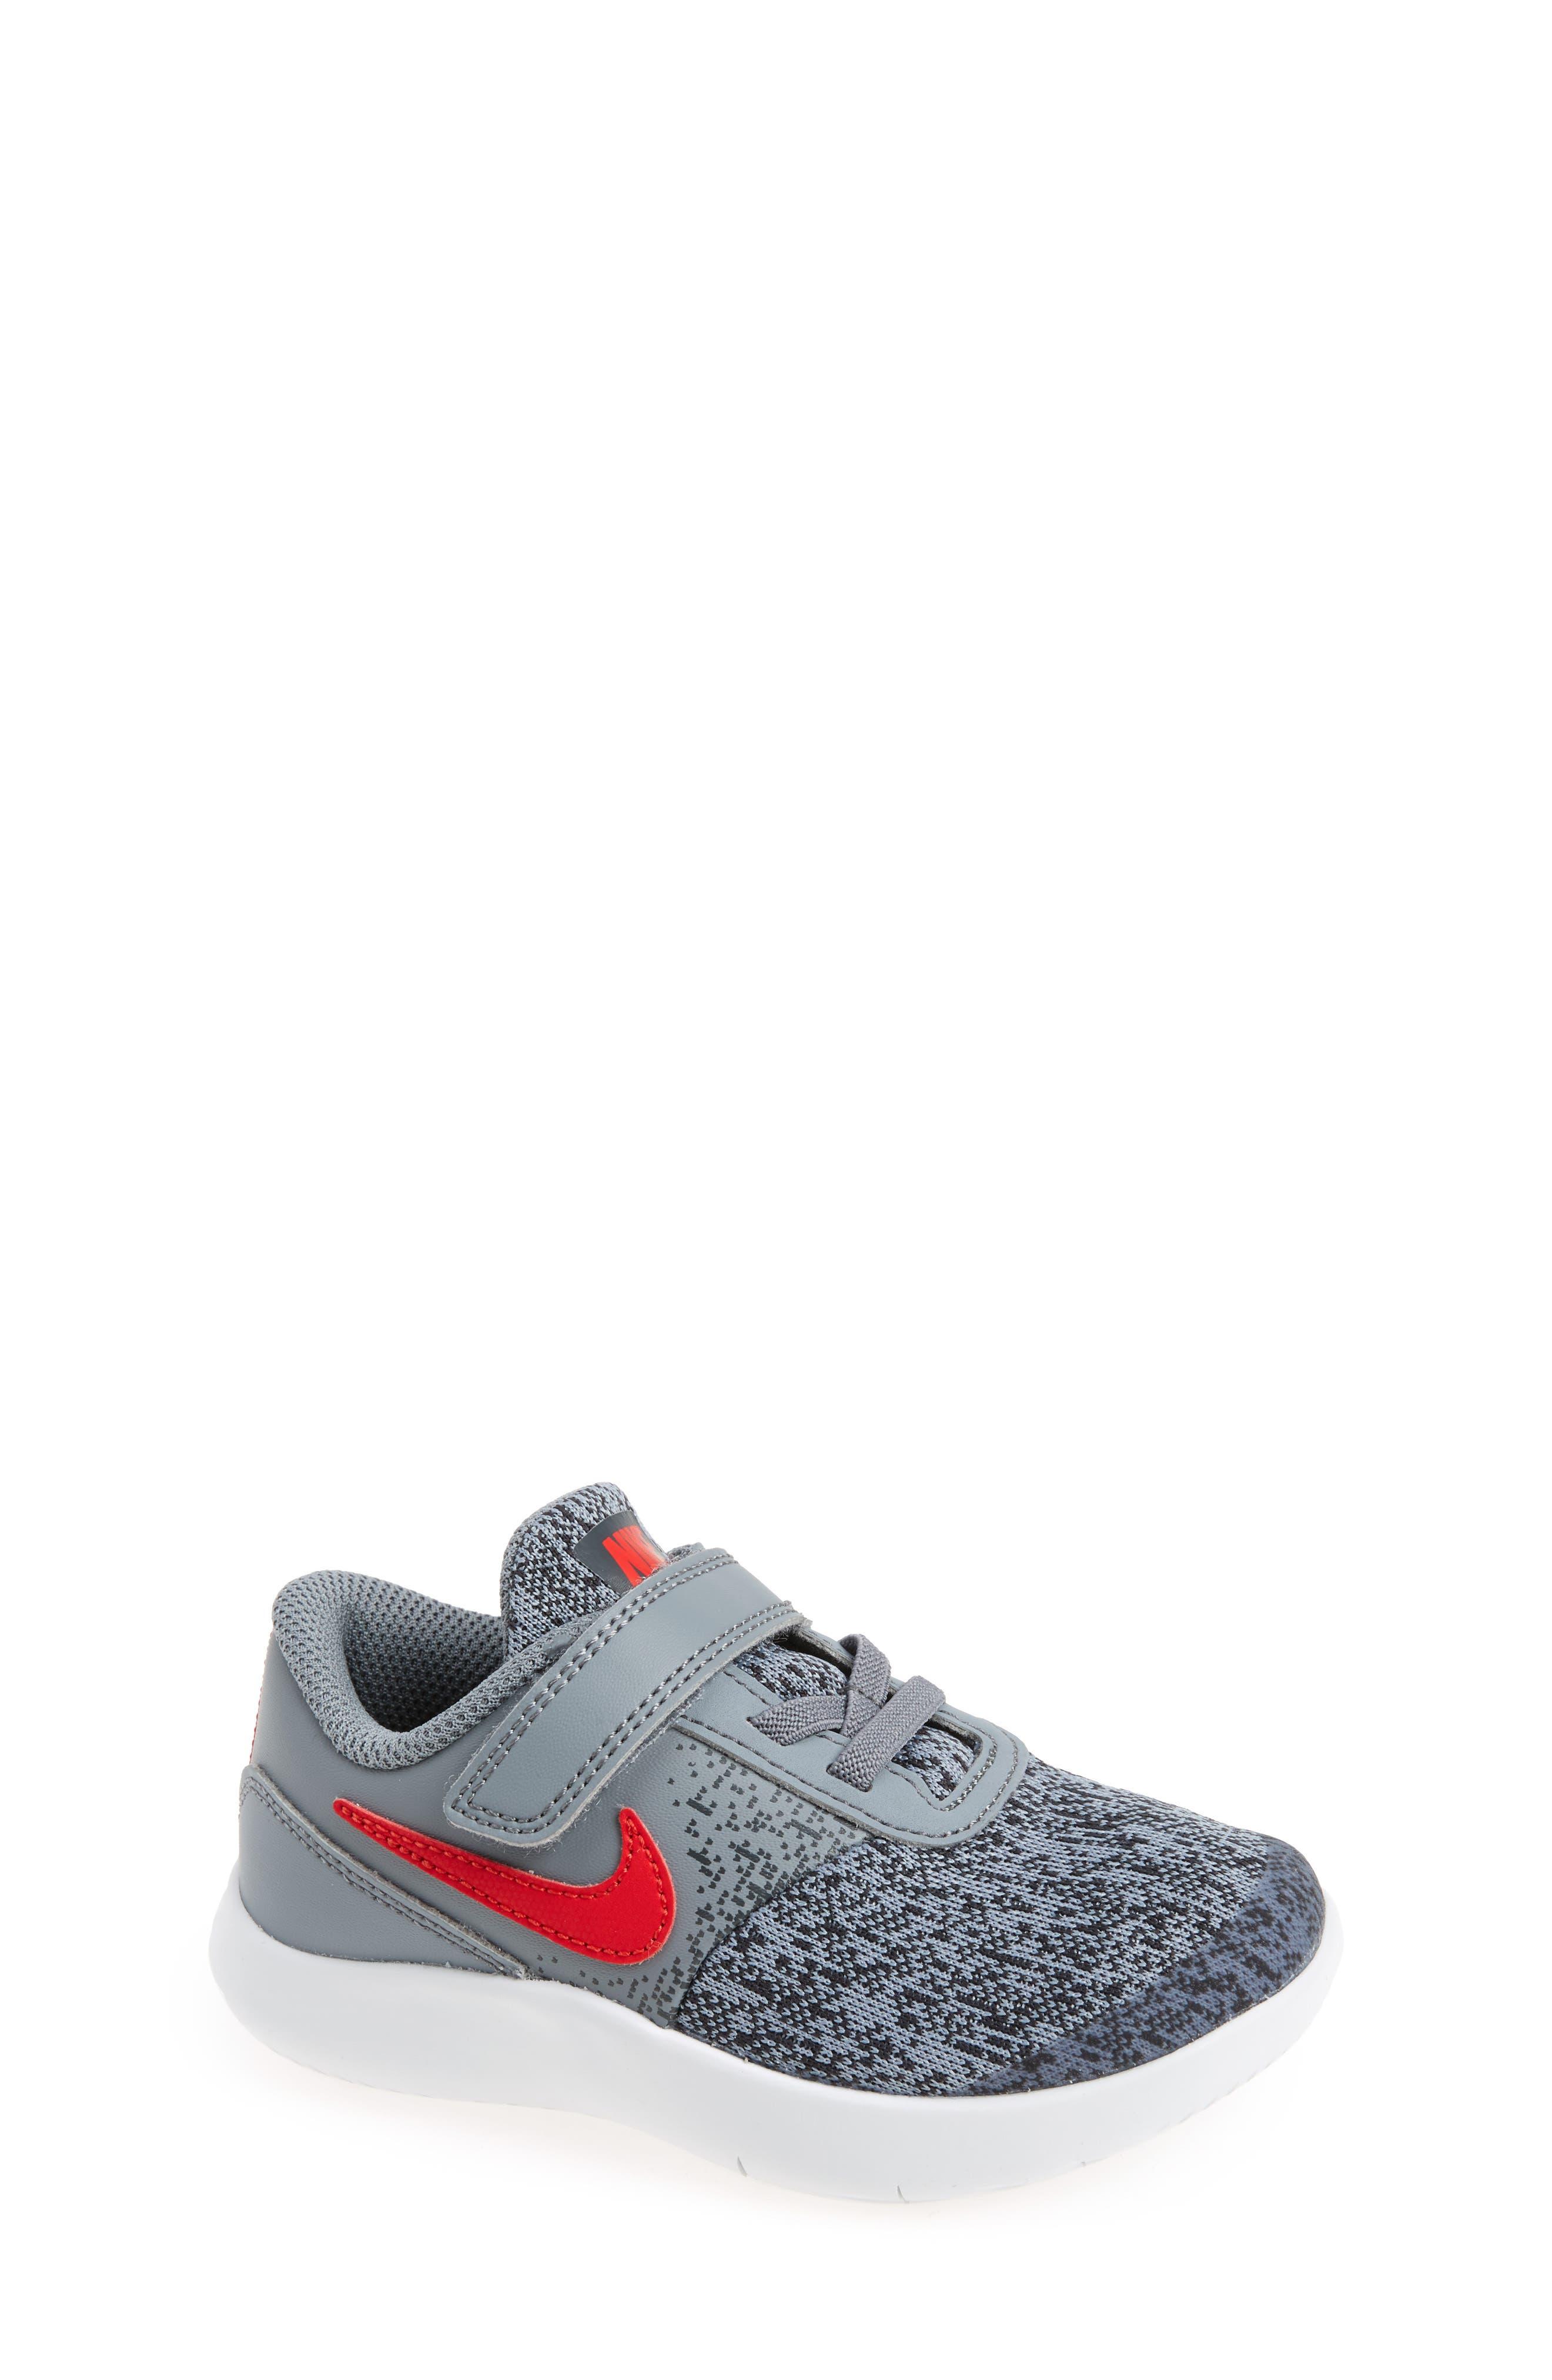 Nike Flex Contact Sneaker (Baby, Walker & Toddler) (Regular Retail Price: $43.00)